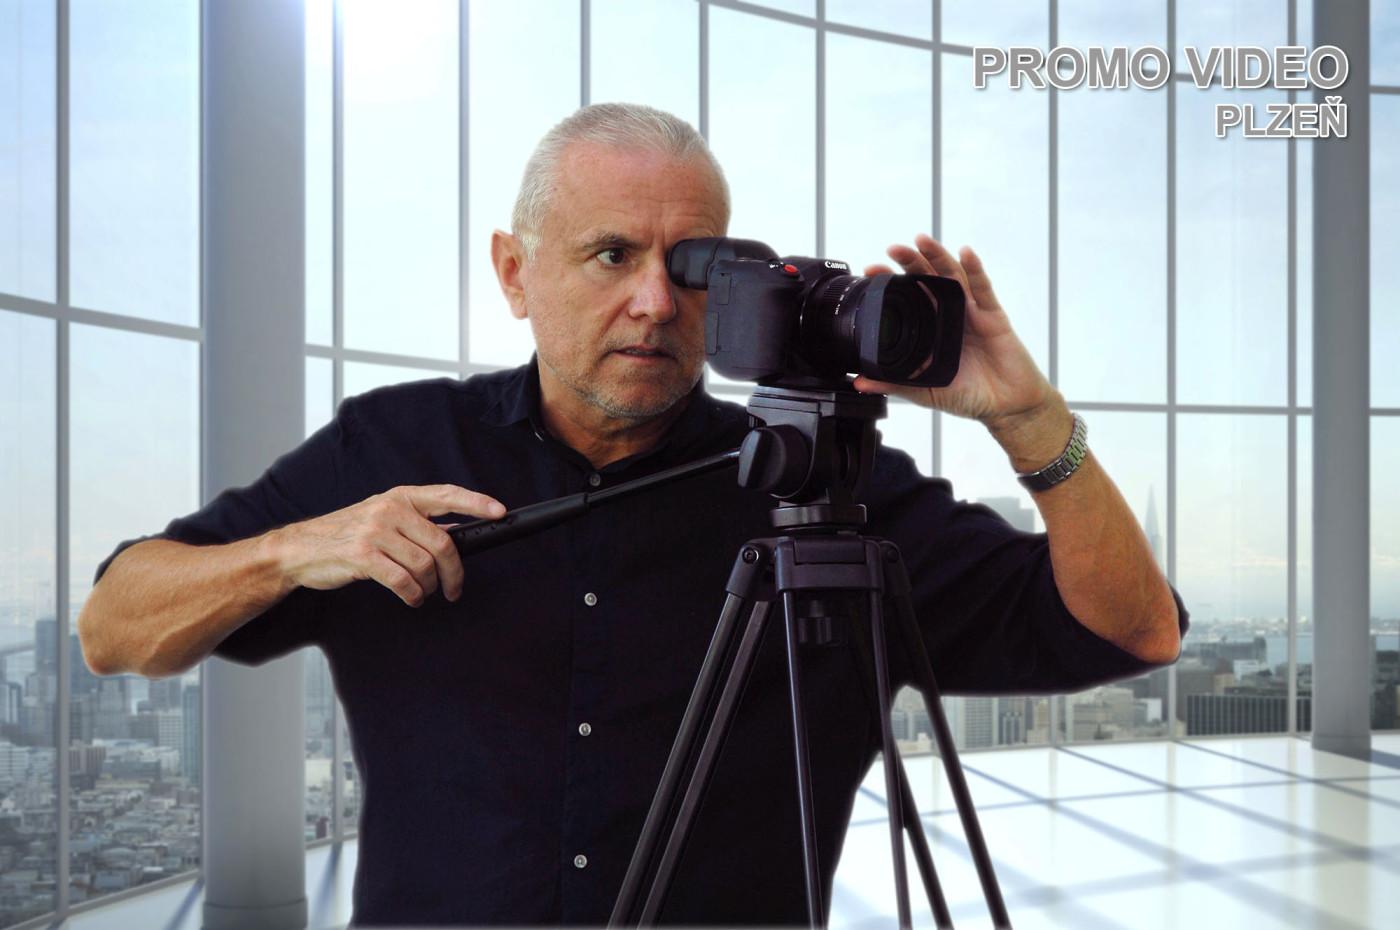 Video Produkce - tvorba a zhotovení videonahrávky.